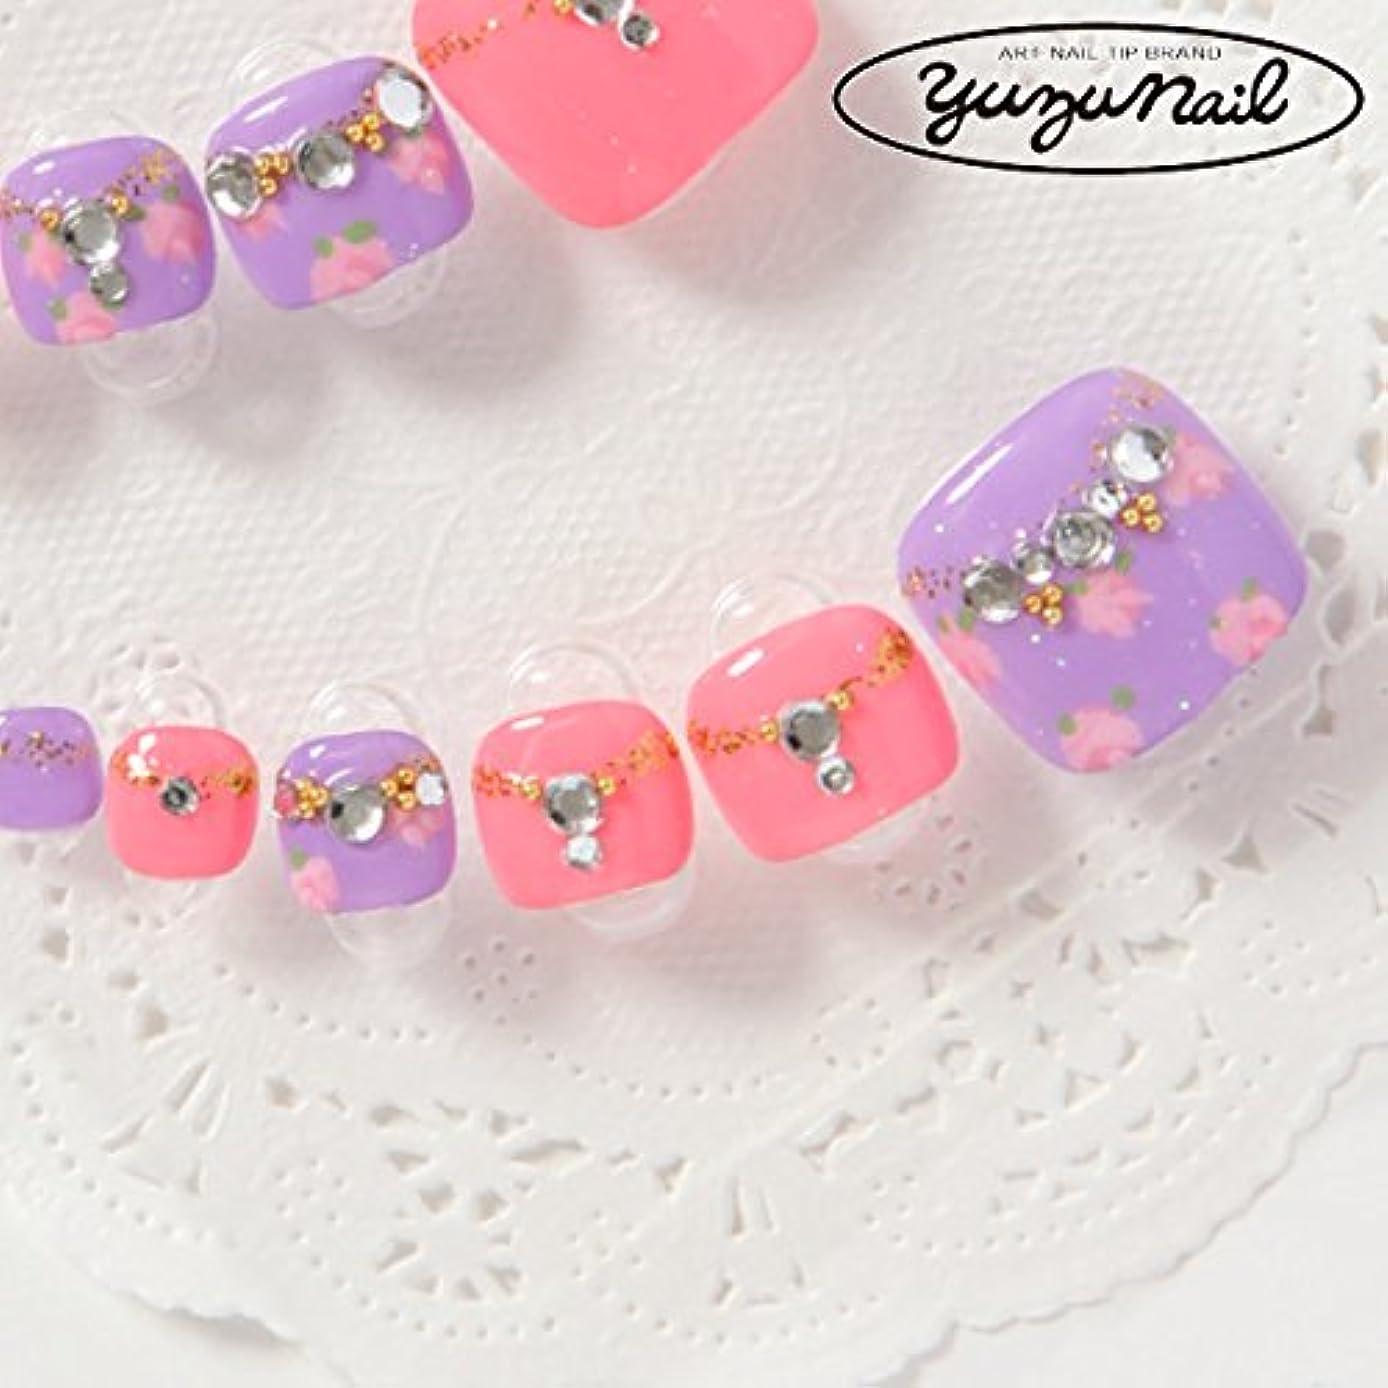 ストレスやさしい愛国的なゆずネイル ネイルチップ ピンク系 パープル系 バラ デート(A01511-P-LilMPK)